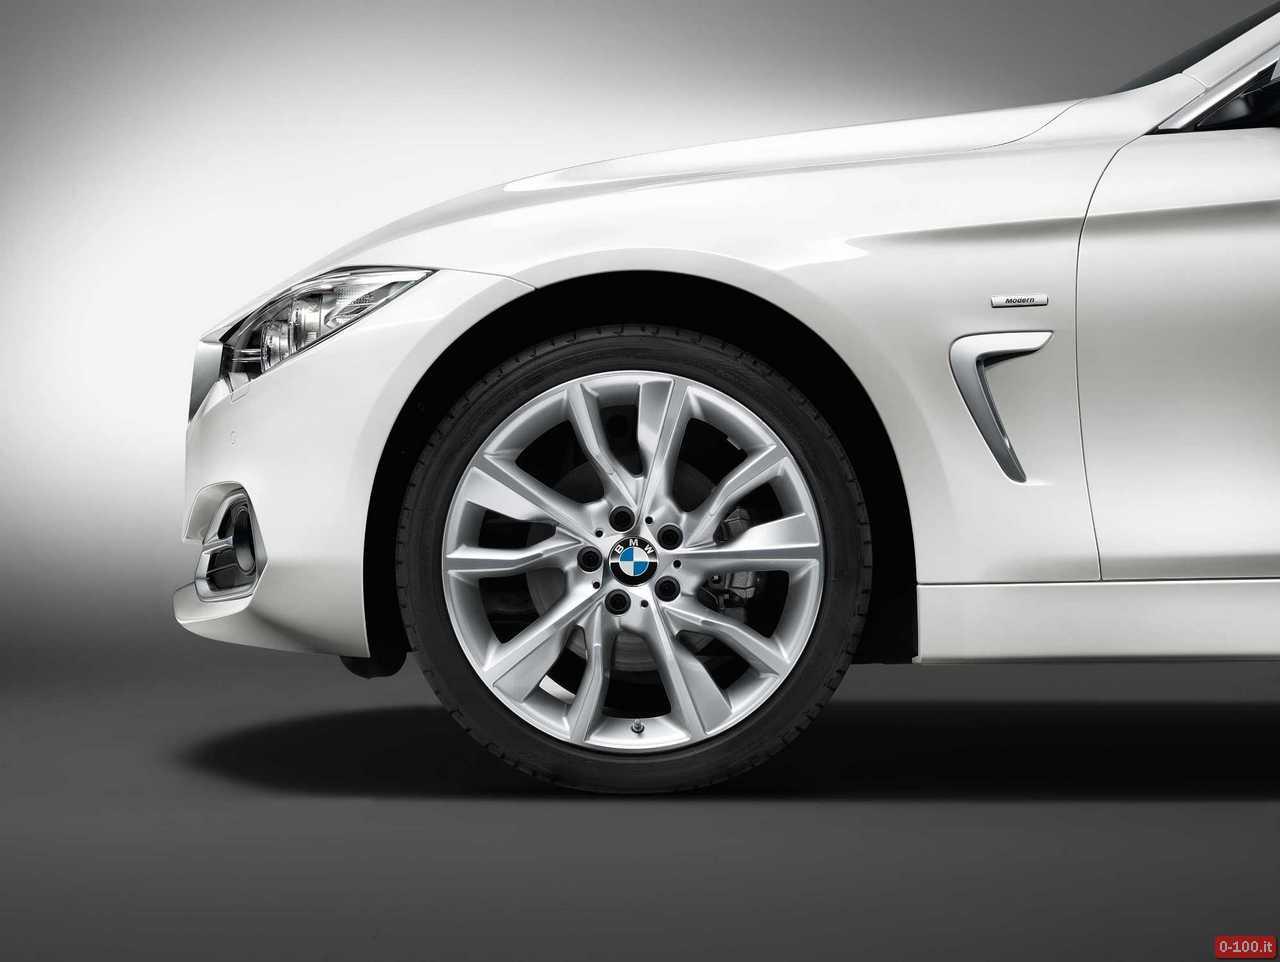 bmw-serie-4-gran-coupe-prezzo-price-ginevra-geneve-2014-0-100_97